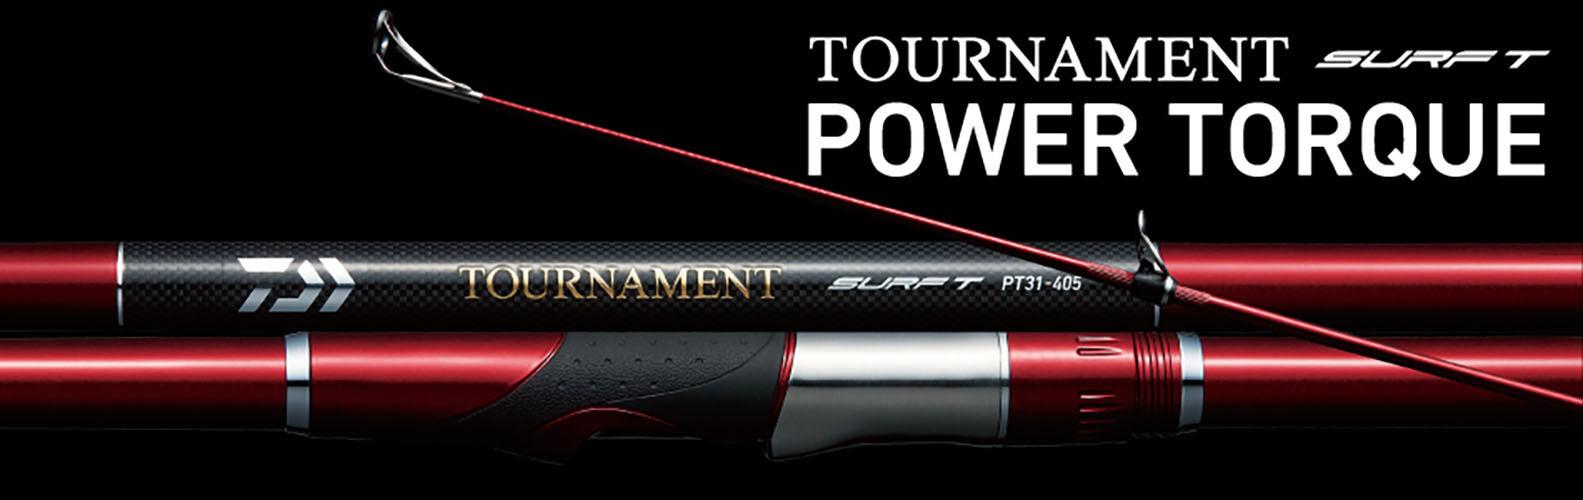 Daiwa Tournament sale T potencia par 29-405 e 13' 2  Japón Caña Pesca Giratoria